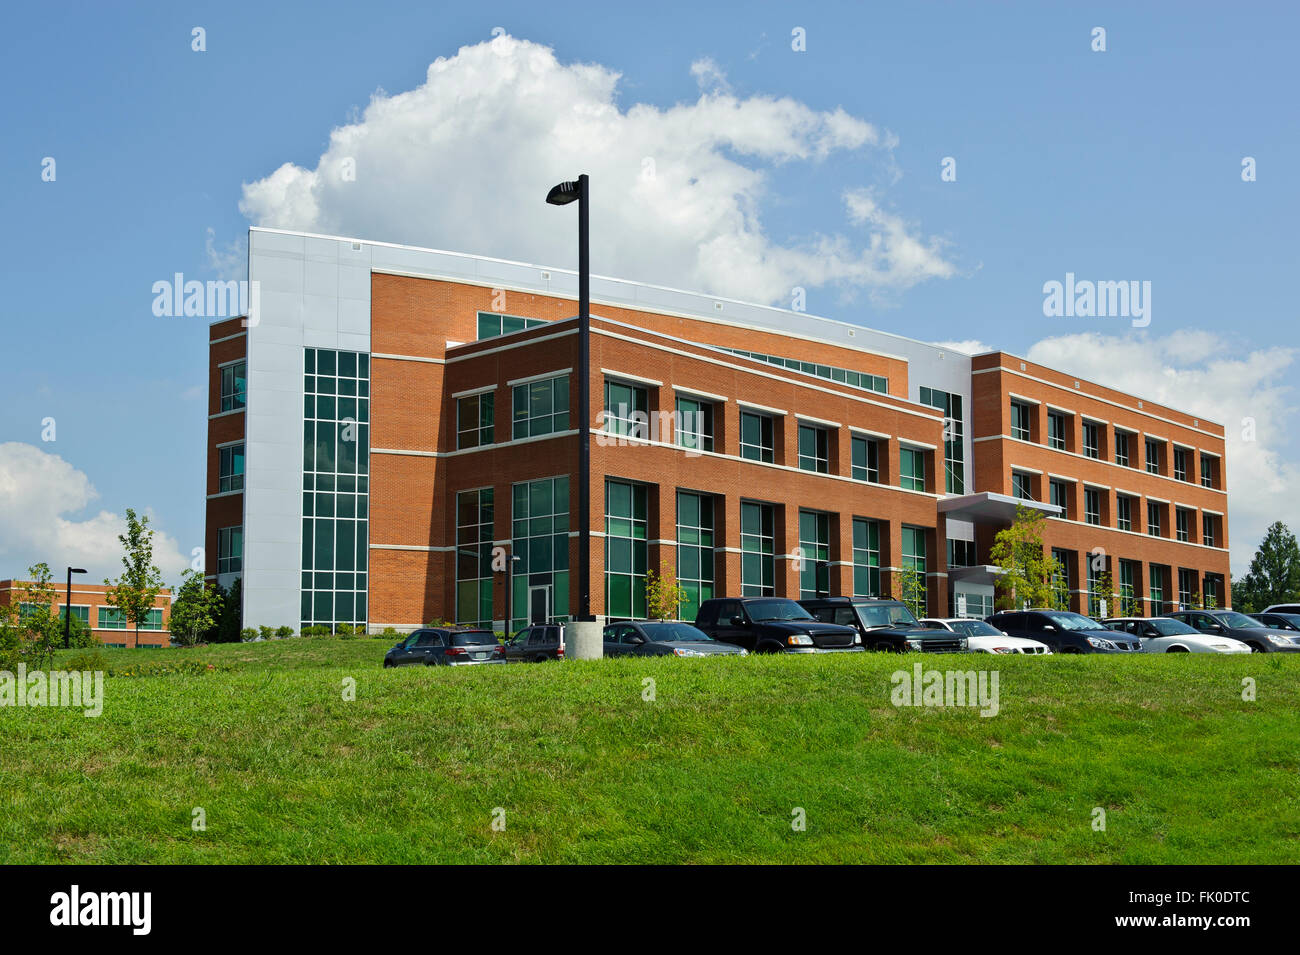 Le bâtiment de bureaux, écoles, hôpitaux, édifices gouvernementaux Photo Stock